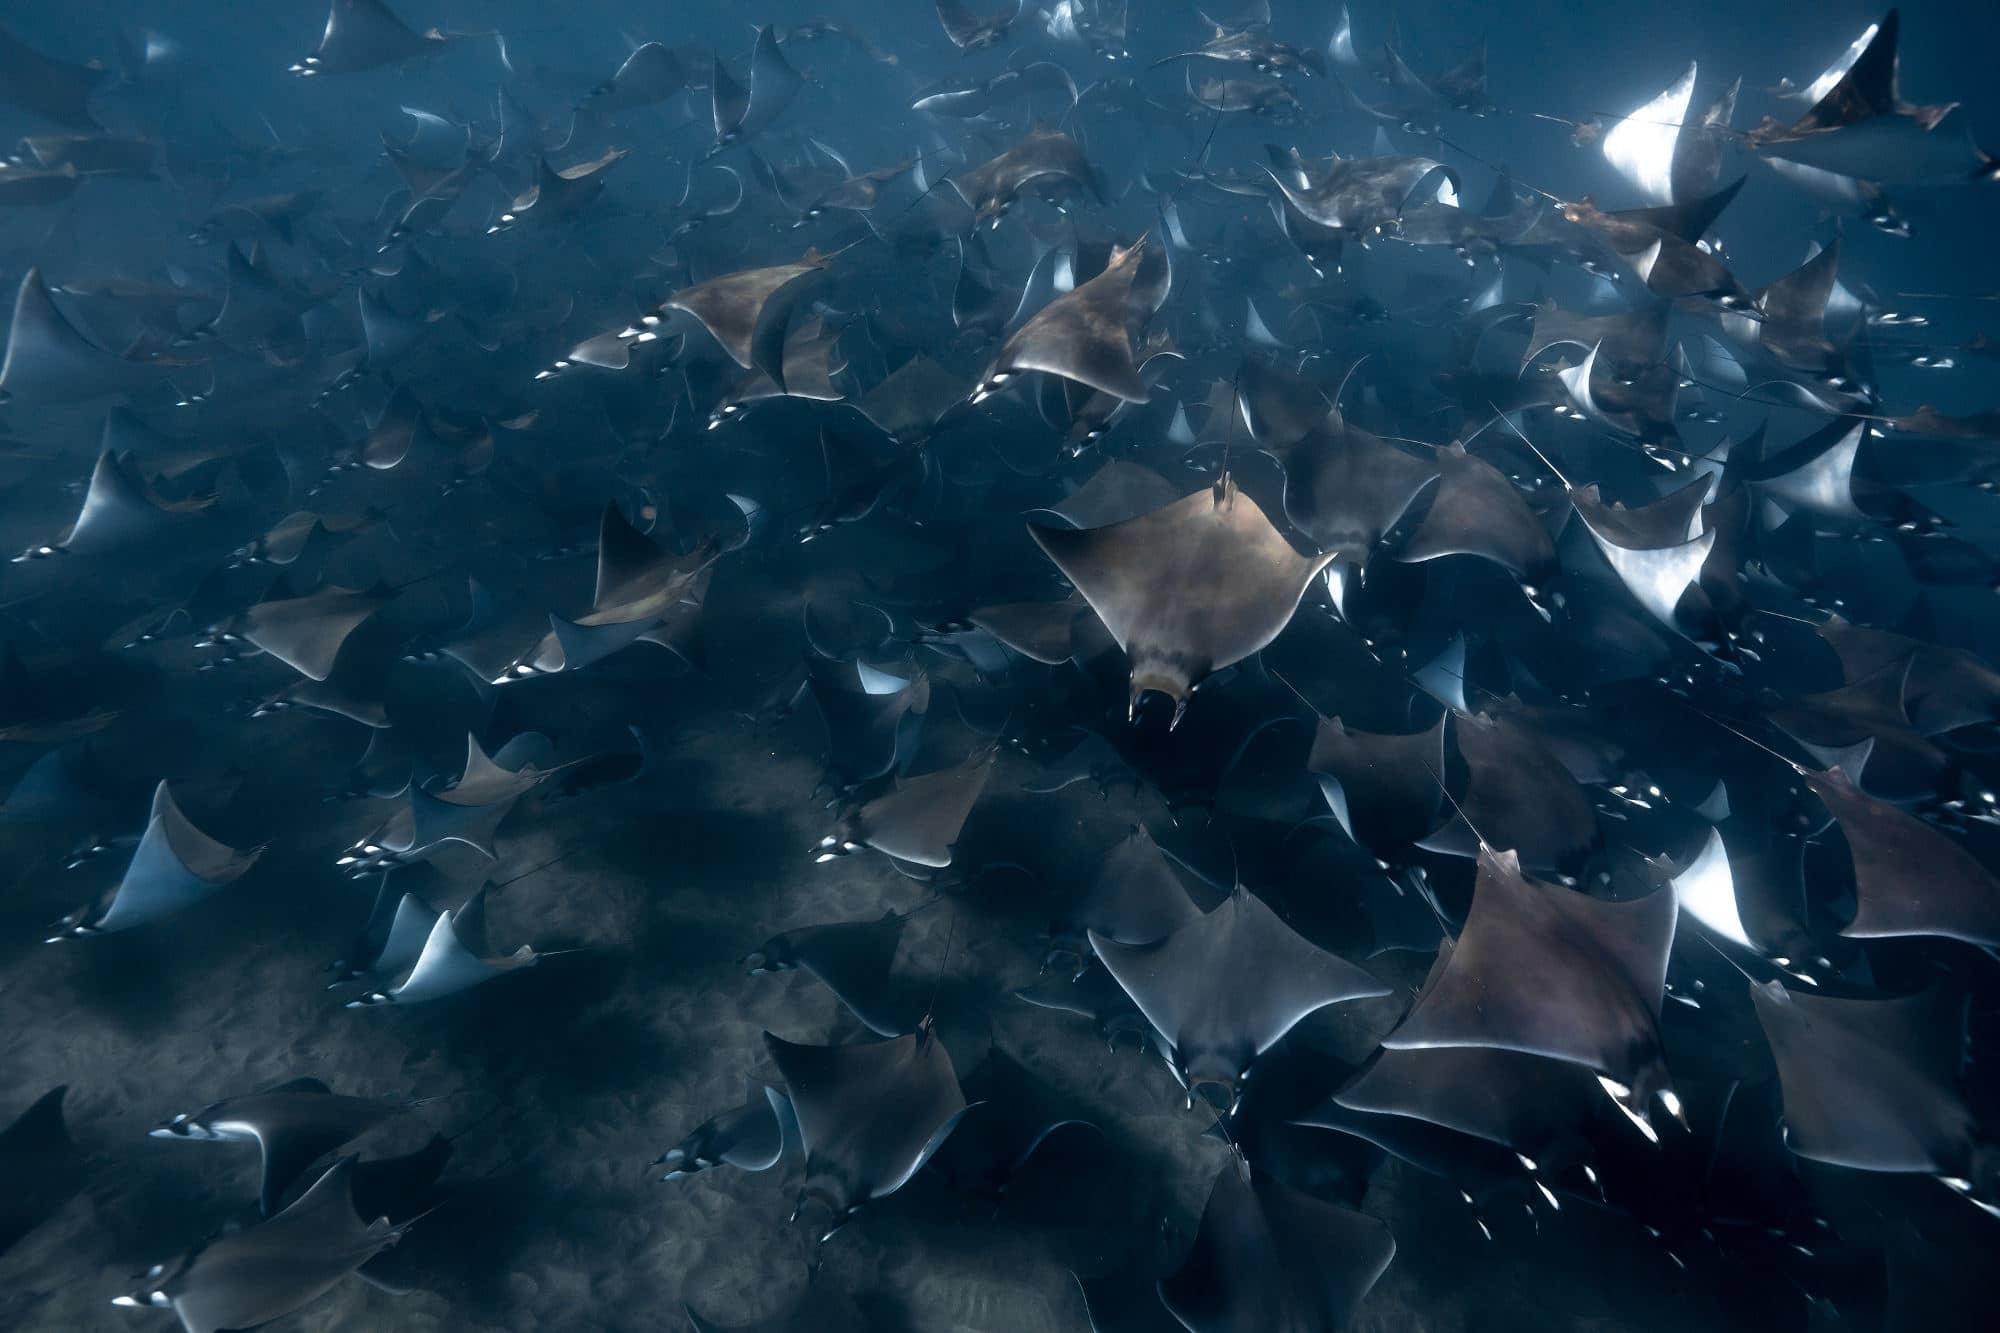 Orcas Sea Of Cortez